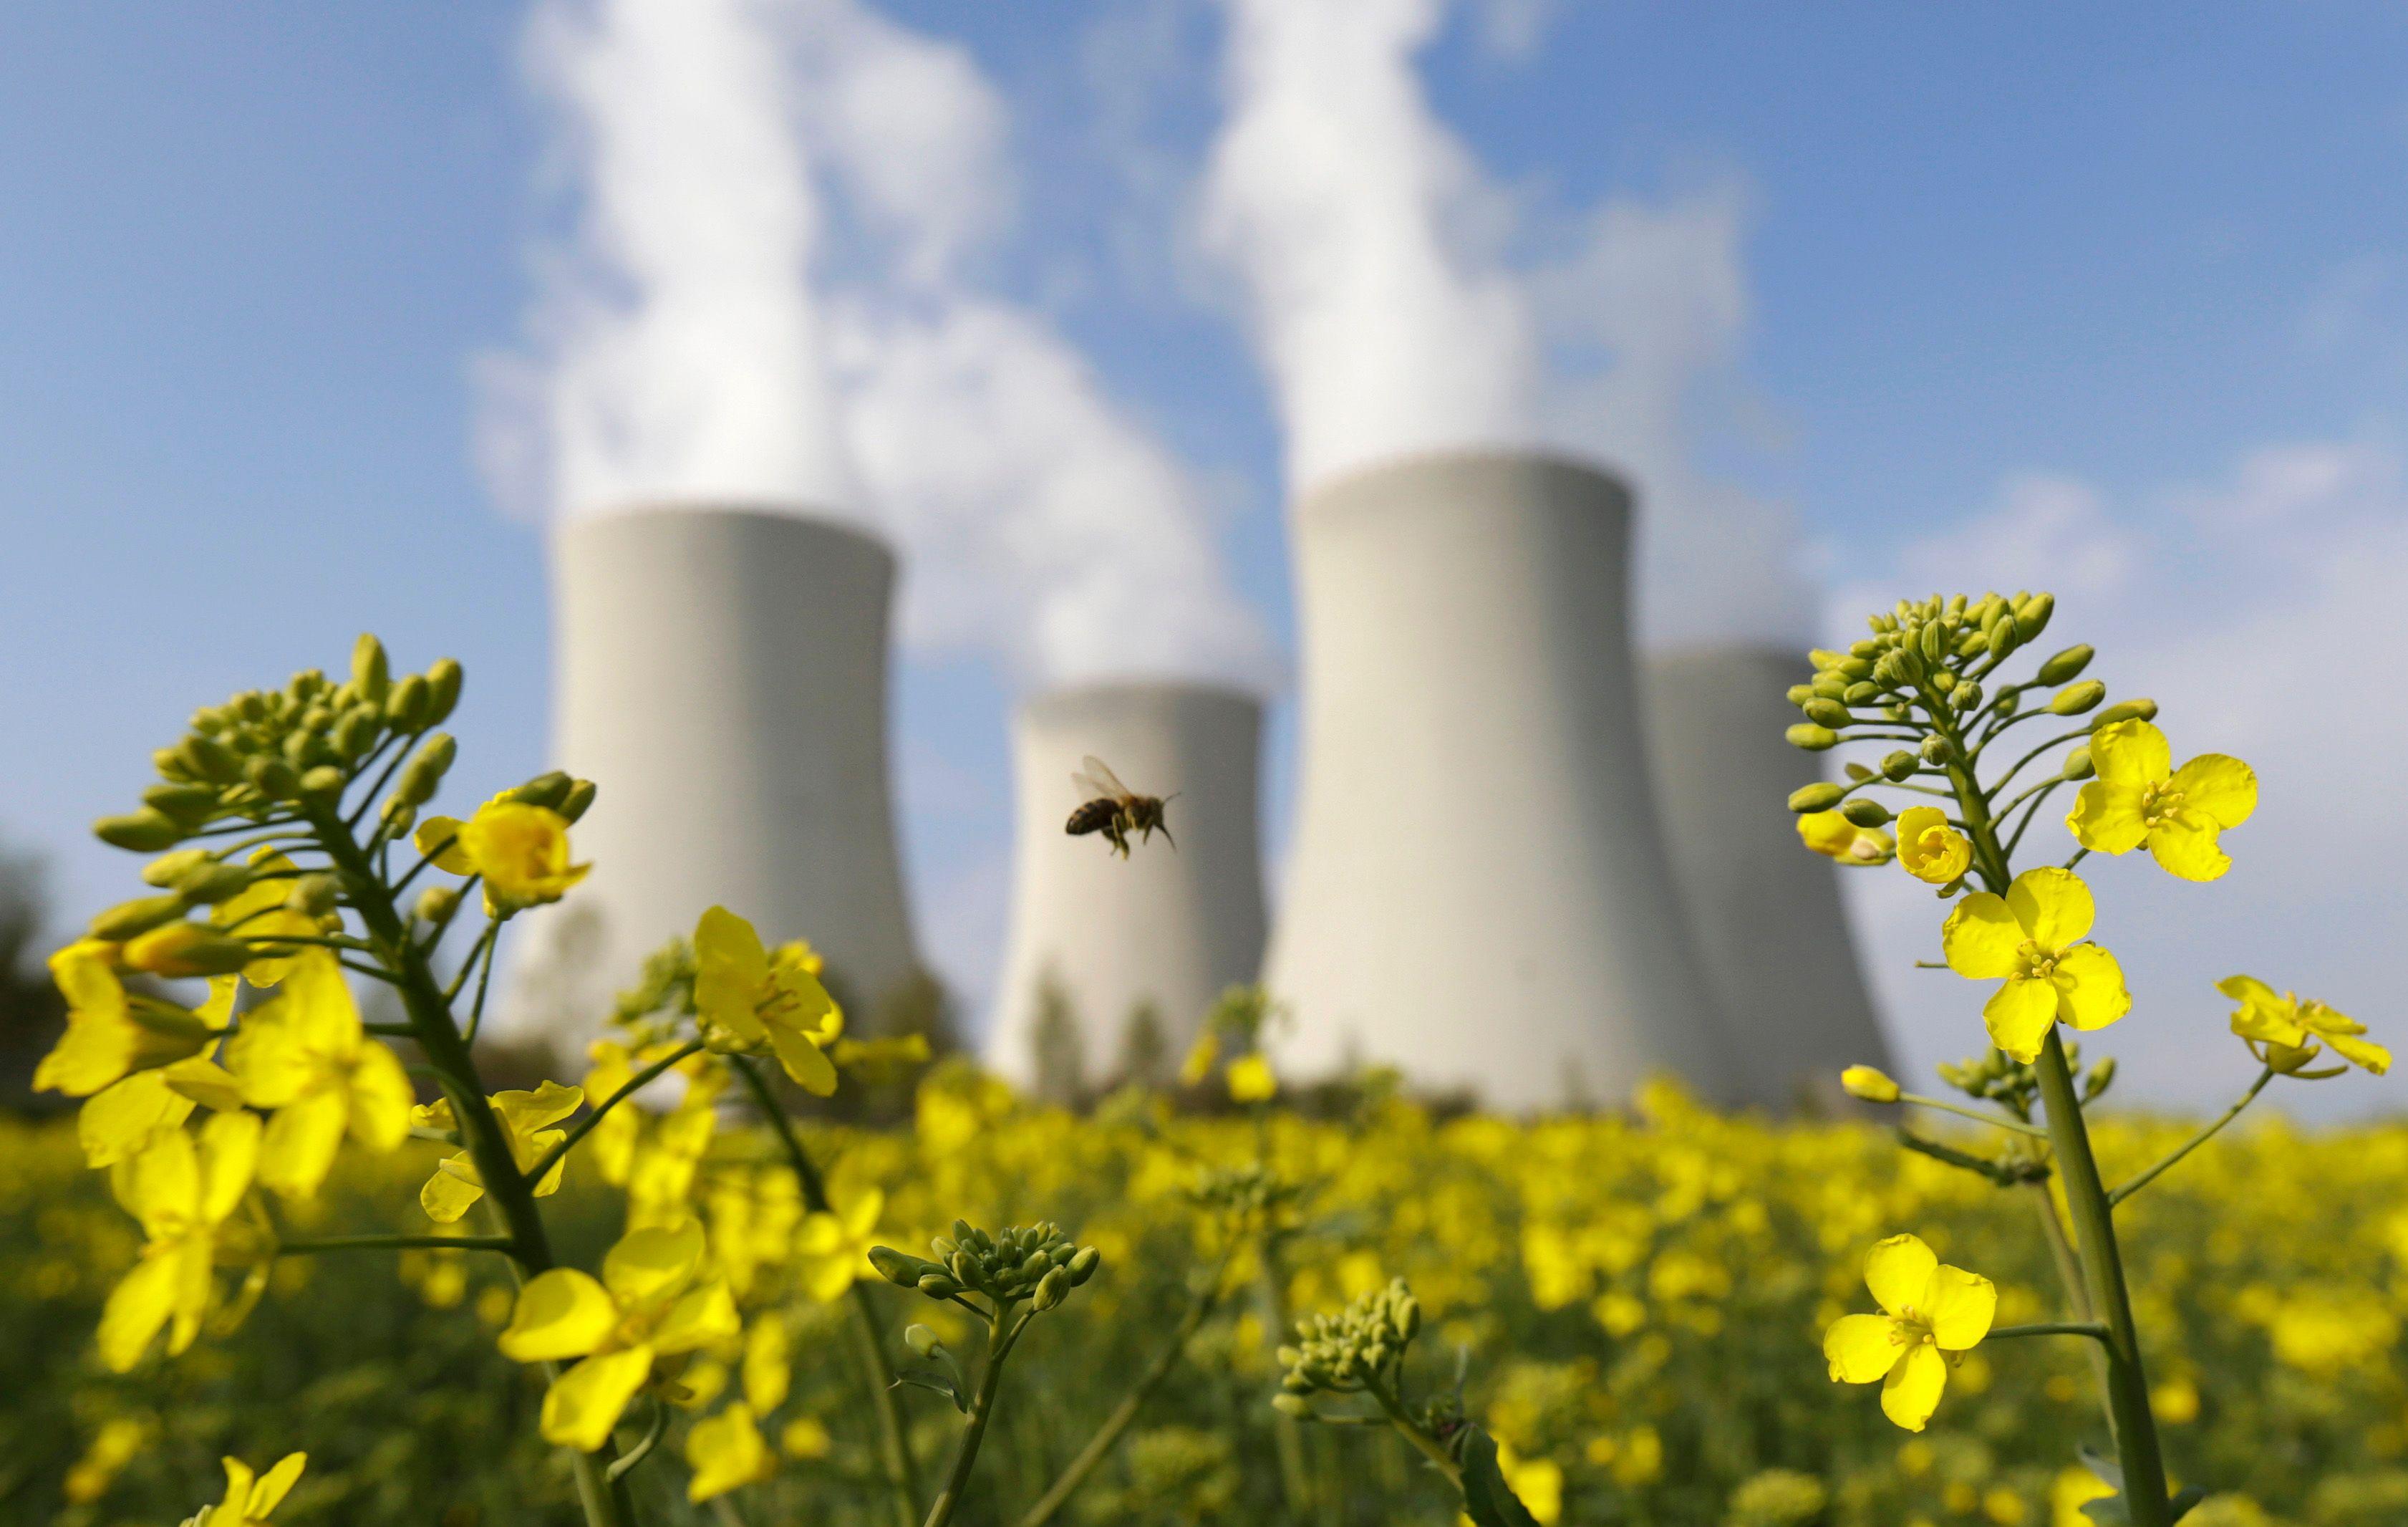 Et si l'écologie devenait un thème traité par tous les partis ?